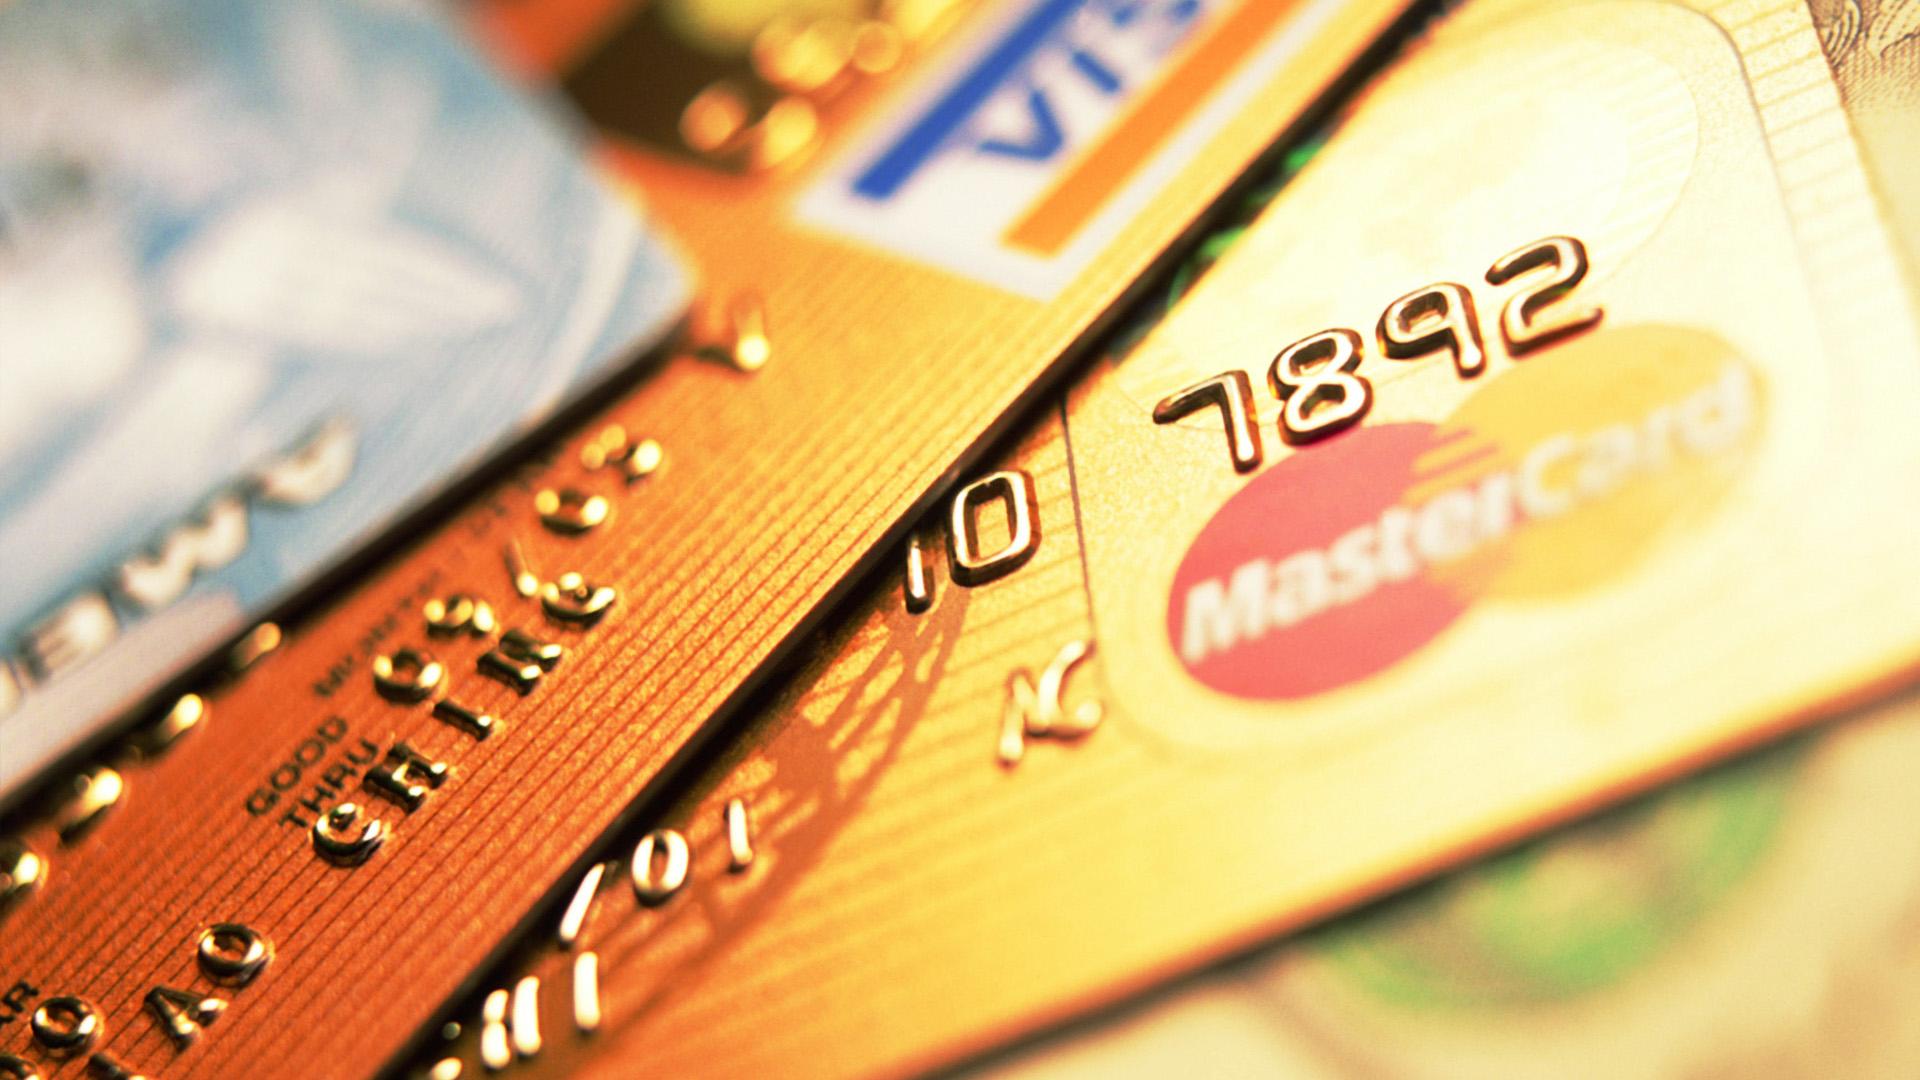 плата за предоставление кредита